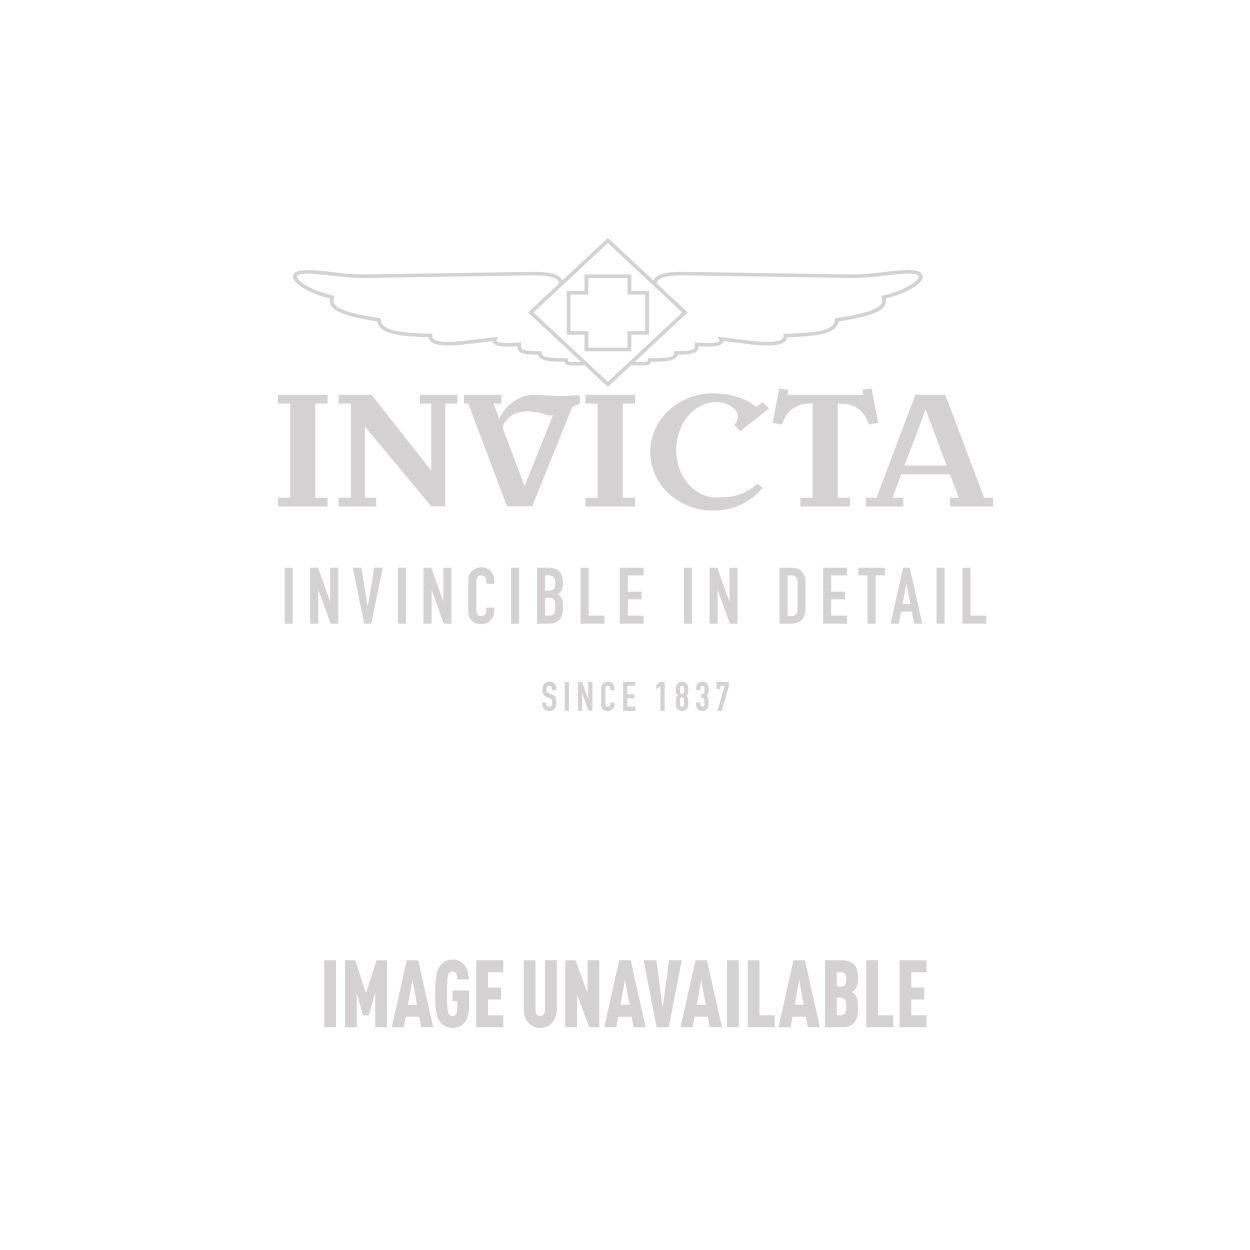 Invicta Model 27474